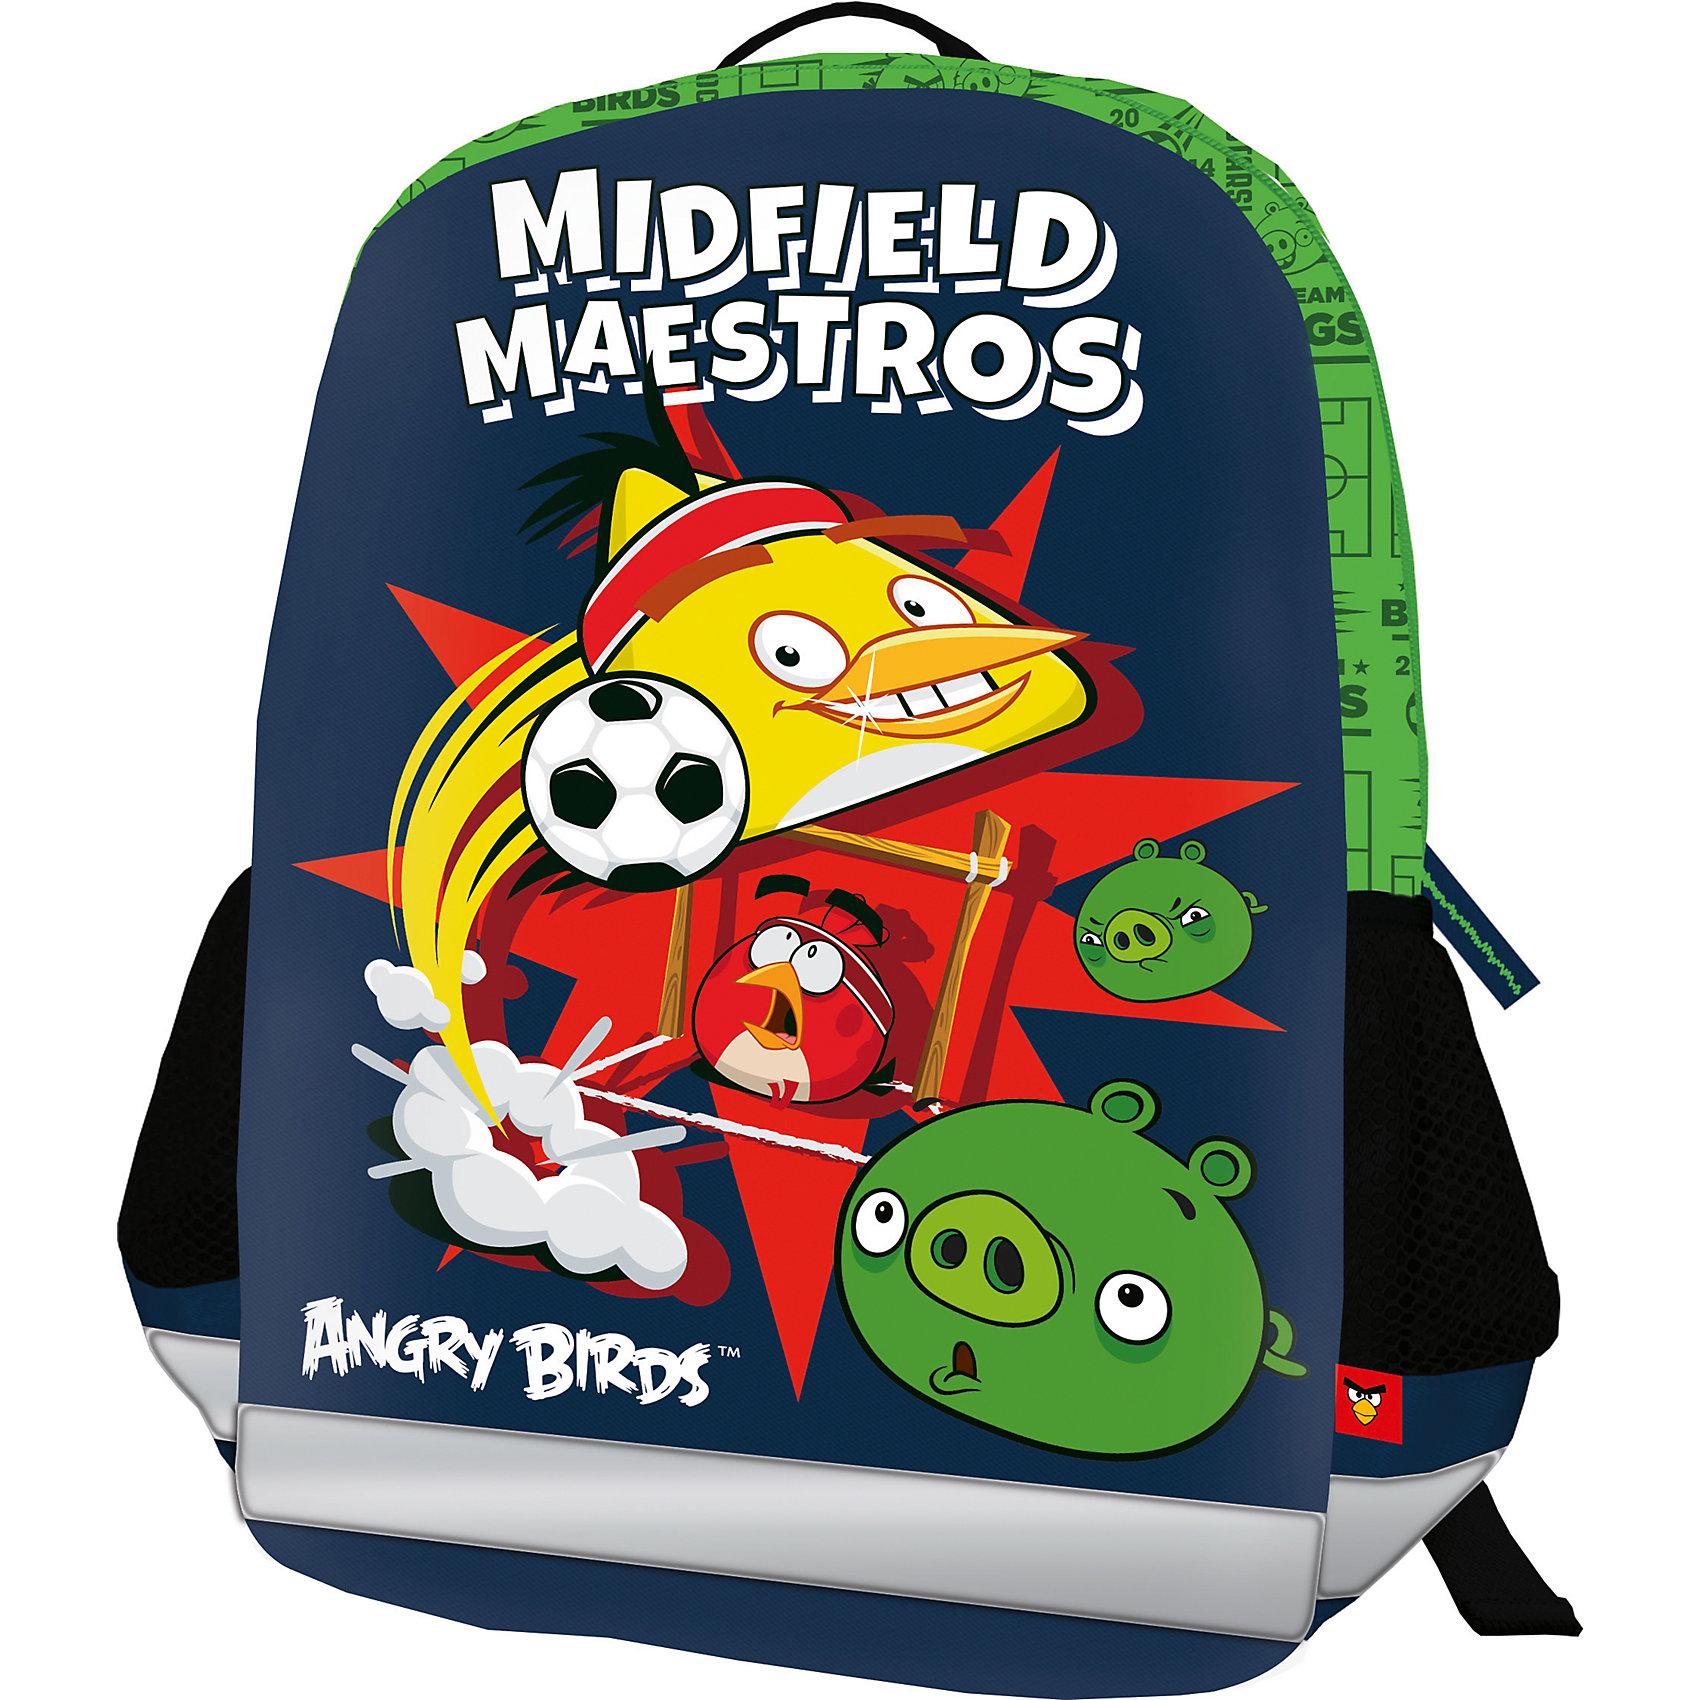 Школьный рюкзак Angry BirdsAngry Birds Товары для школы<br>Рюкзак, спинка мягкая, уплотненная поролоном, EVA фронтальная панель. Одно вместительное отделение с двумя карманами с утягивающей резинкой. По бокам расположены карманы из воздухообменного материала. Дно рюкзака мягкое, лямки S-образной формы с поролоном и воздухообменным сетчатым материалом, регулируются по длине. Рюкзак оснащен текстильной ручкой.<br><br>Дополнительная информация:<br><br>Размер: 36 х 28 х 12 см. Рюкзак каркасный, фронтальная панель из EVA. Одно вместительное отделение с двумя карманами с утягивающей резинкой. Два боковых кармана.<br><br>Каркасный рюкзак Angry Birds (Энгри Бердс) можно купить в нашем магазине.<br><br>Ширина мм: 360<br>Глубина мм: 280<br>Высота мм: 120<br>Вес г: 361<br>Возраст от месяцев: 72<br>Возраст до месяцев: 144<br>Пол: Мужской<br>Возраст: Детский<br>SKU: 4140979